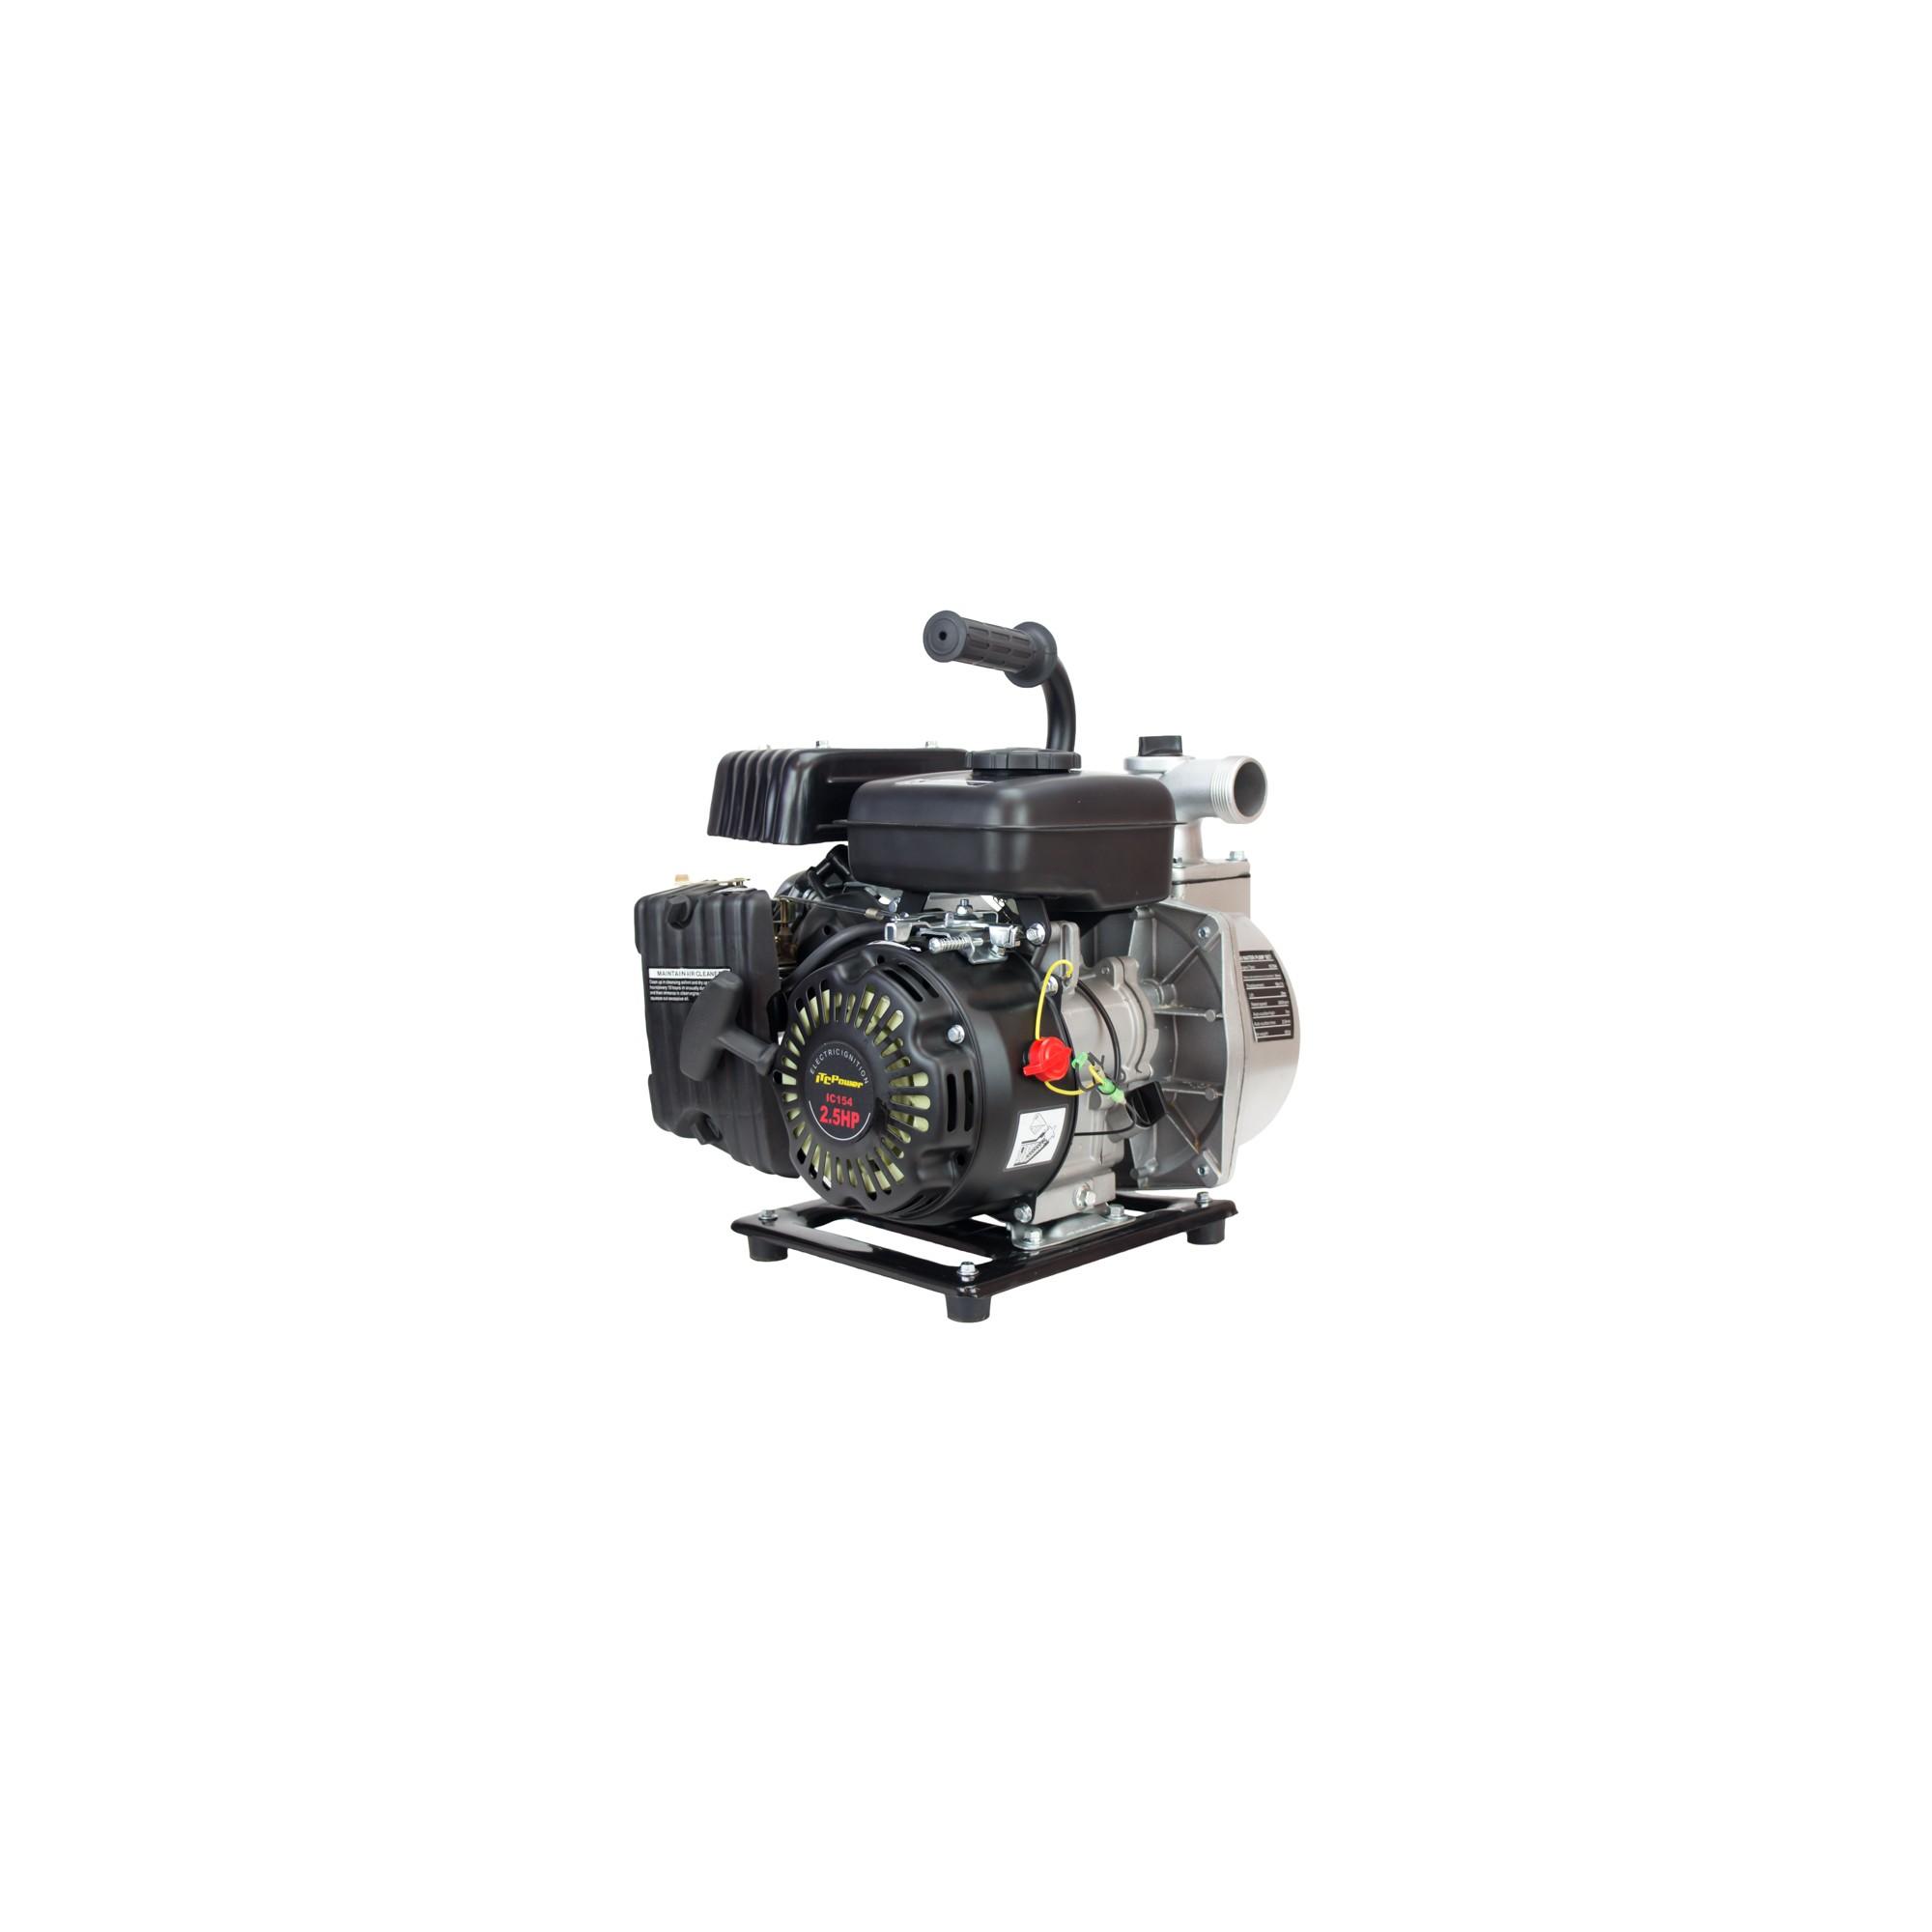 GP40  Motobomba Gasolina ITCPower Aguas Limpias de Caudal